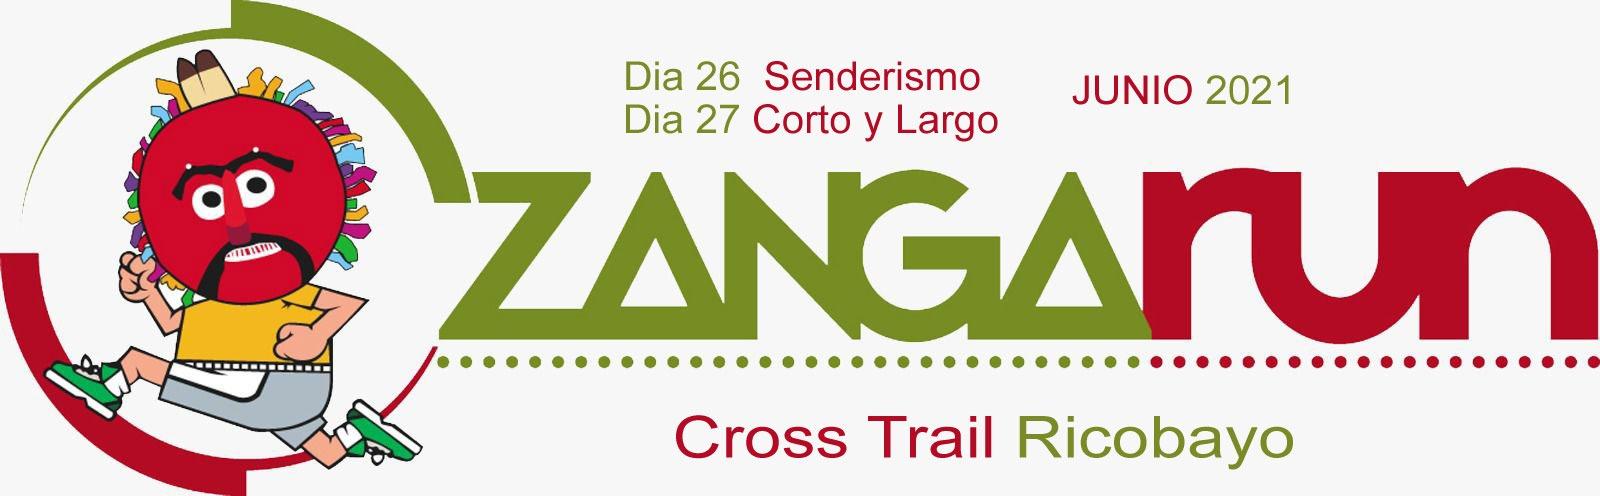 Muelas del Pan, el Club Correcaminos del Duero y la Asociación Corriendo con el Corazón por Hugo organizan el Cross Trail Provincia de Zamora, Zangarun de Ricobayo